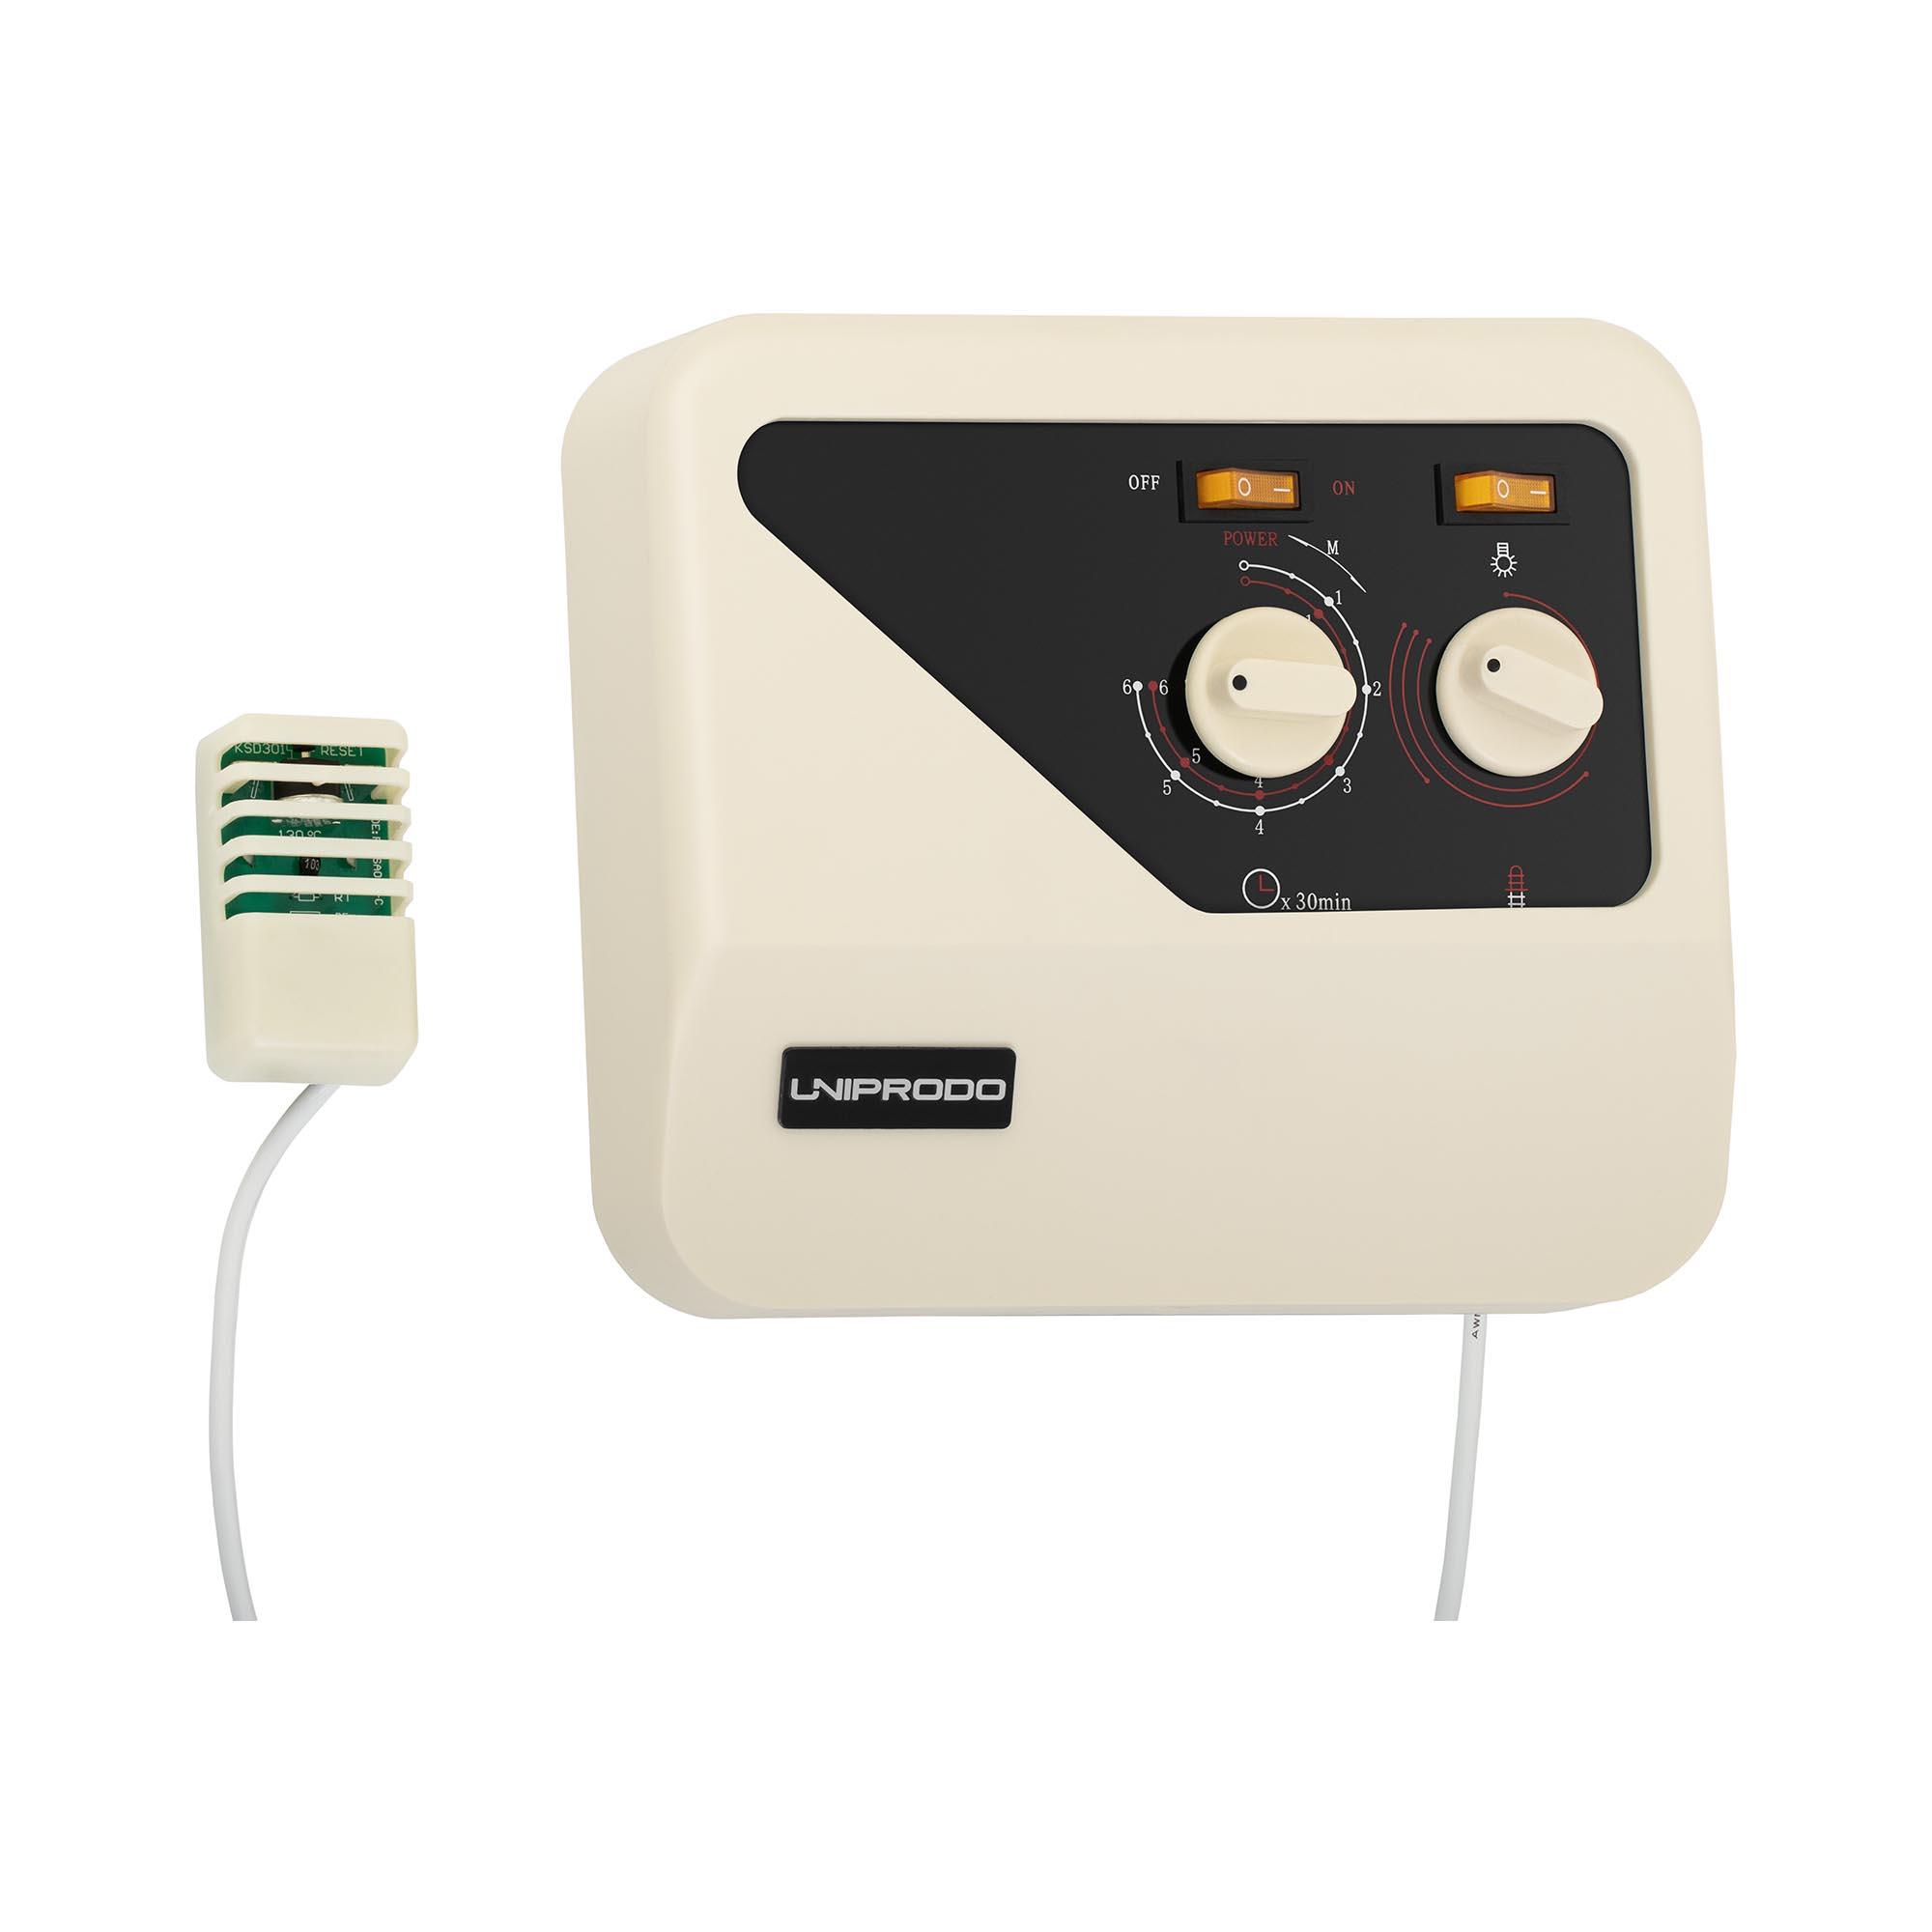 Uniprodo Saunasteuerung - Überhitzungsschutz 10250226